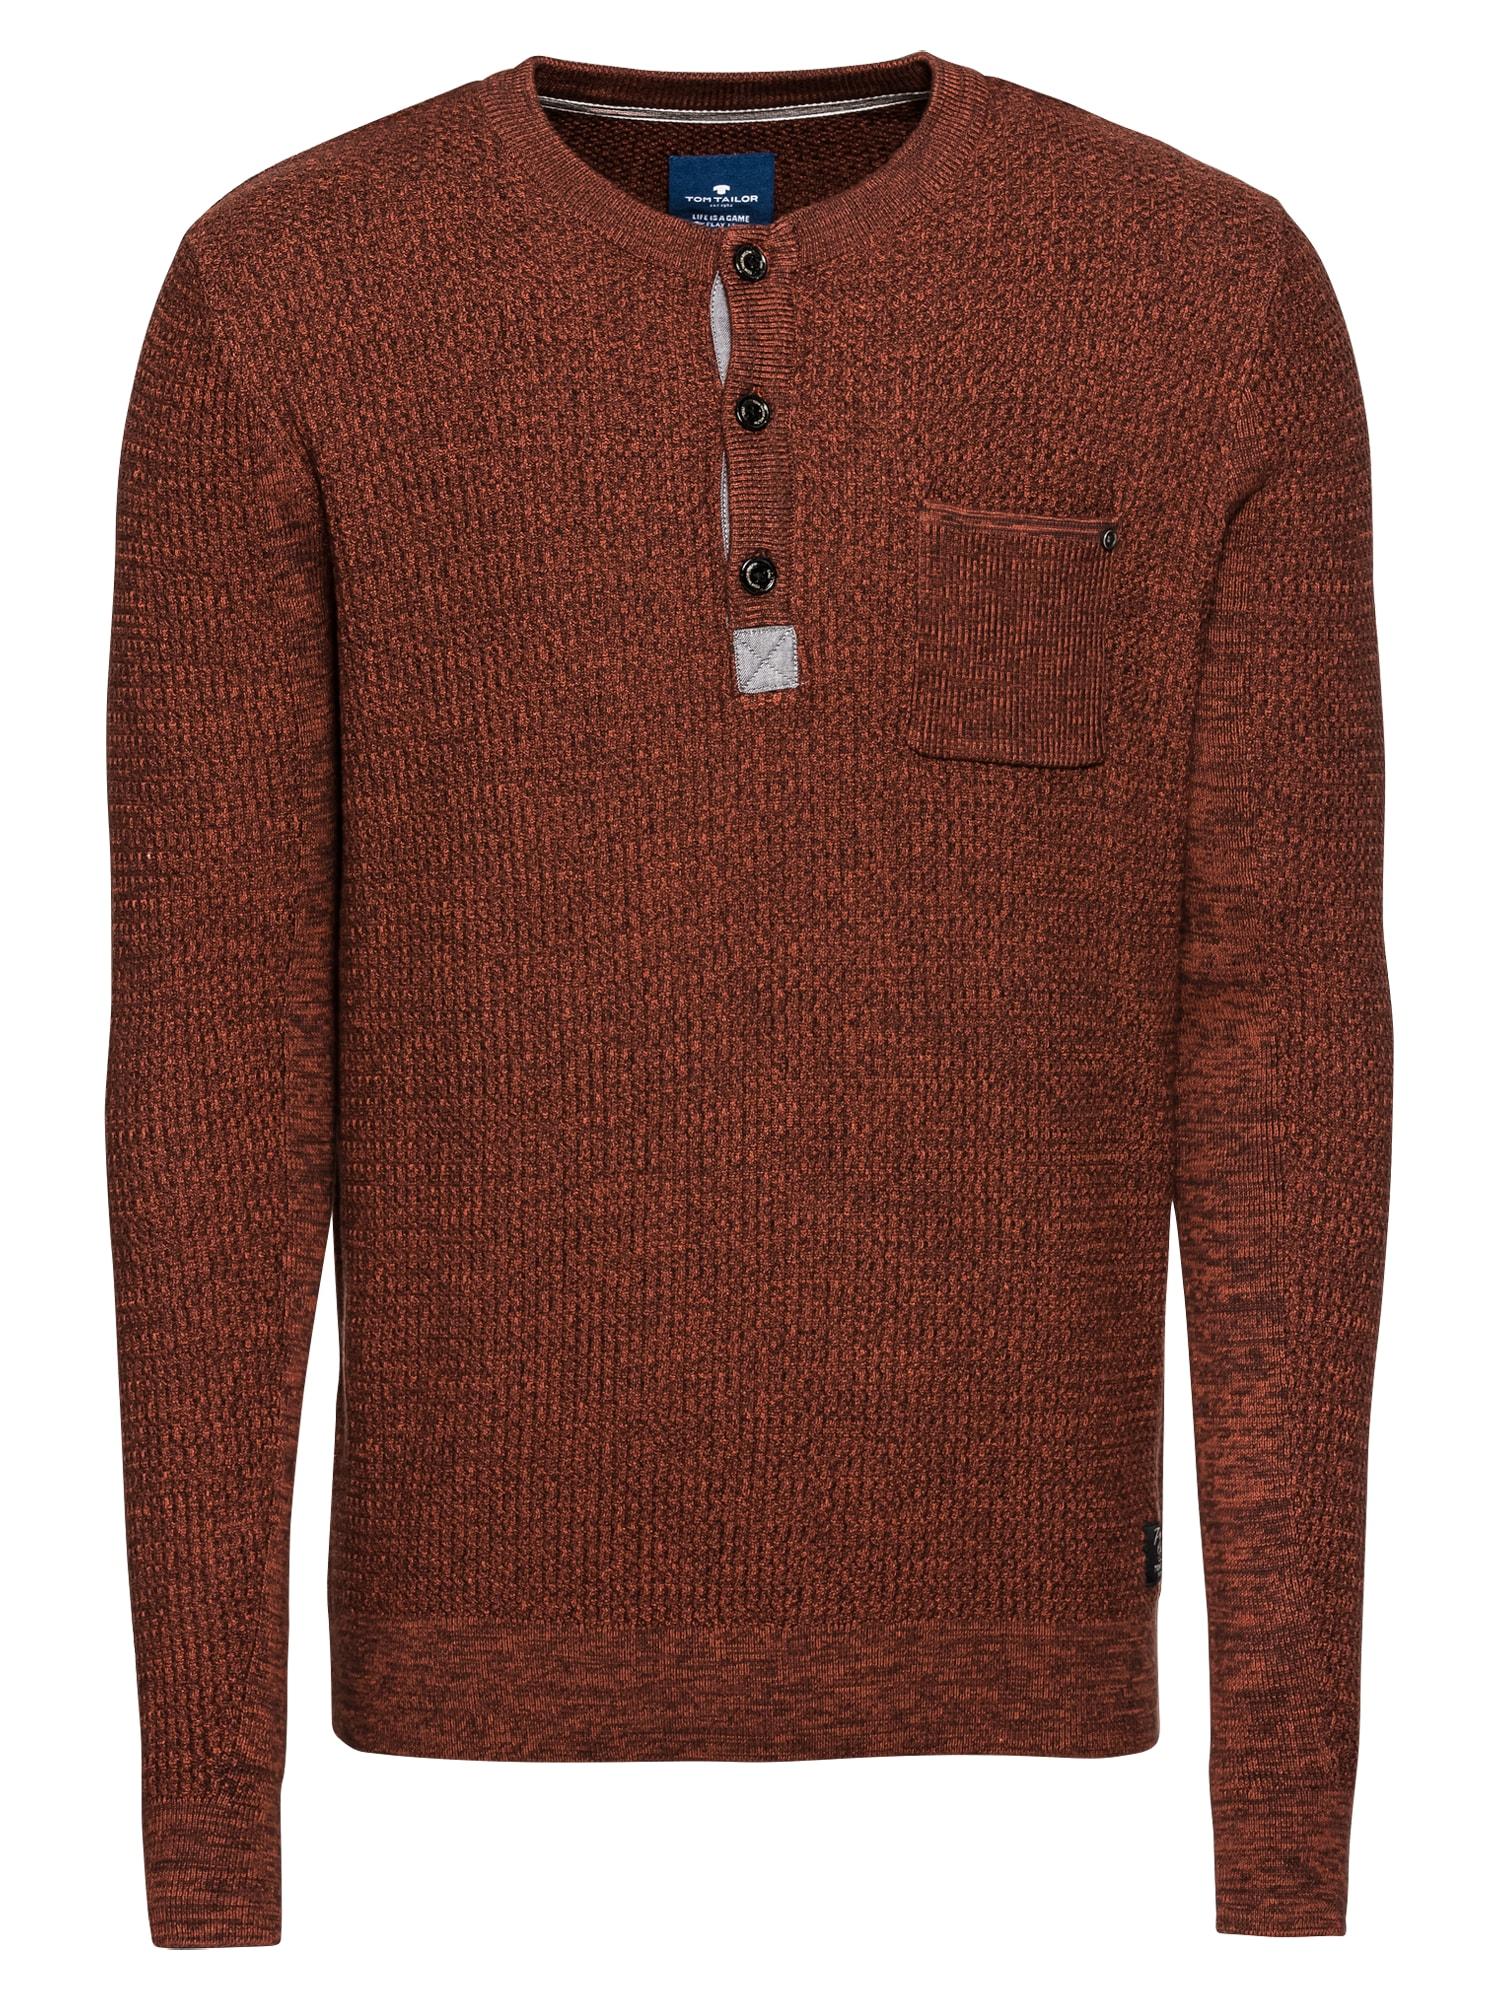 Svetr structured mouline sweater Pullover 11 červená TOM TAILOR